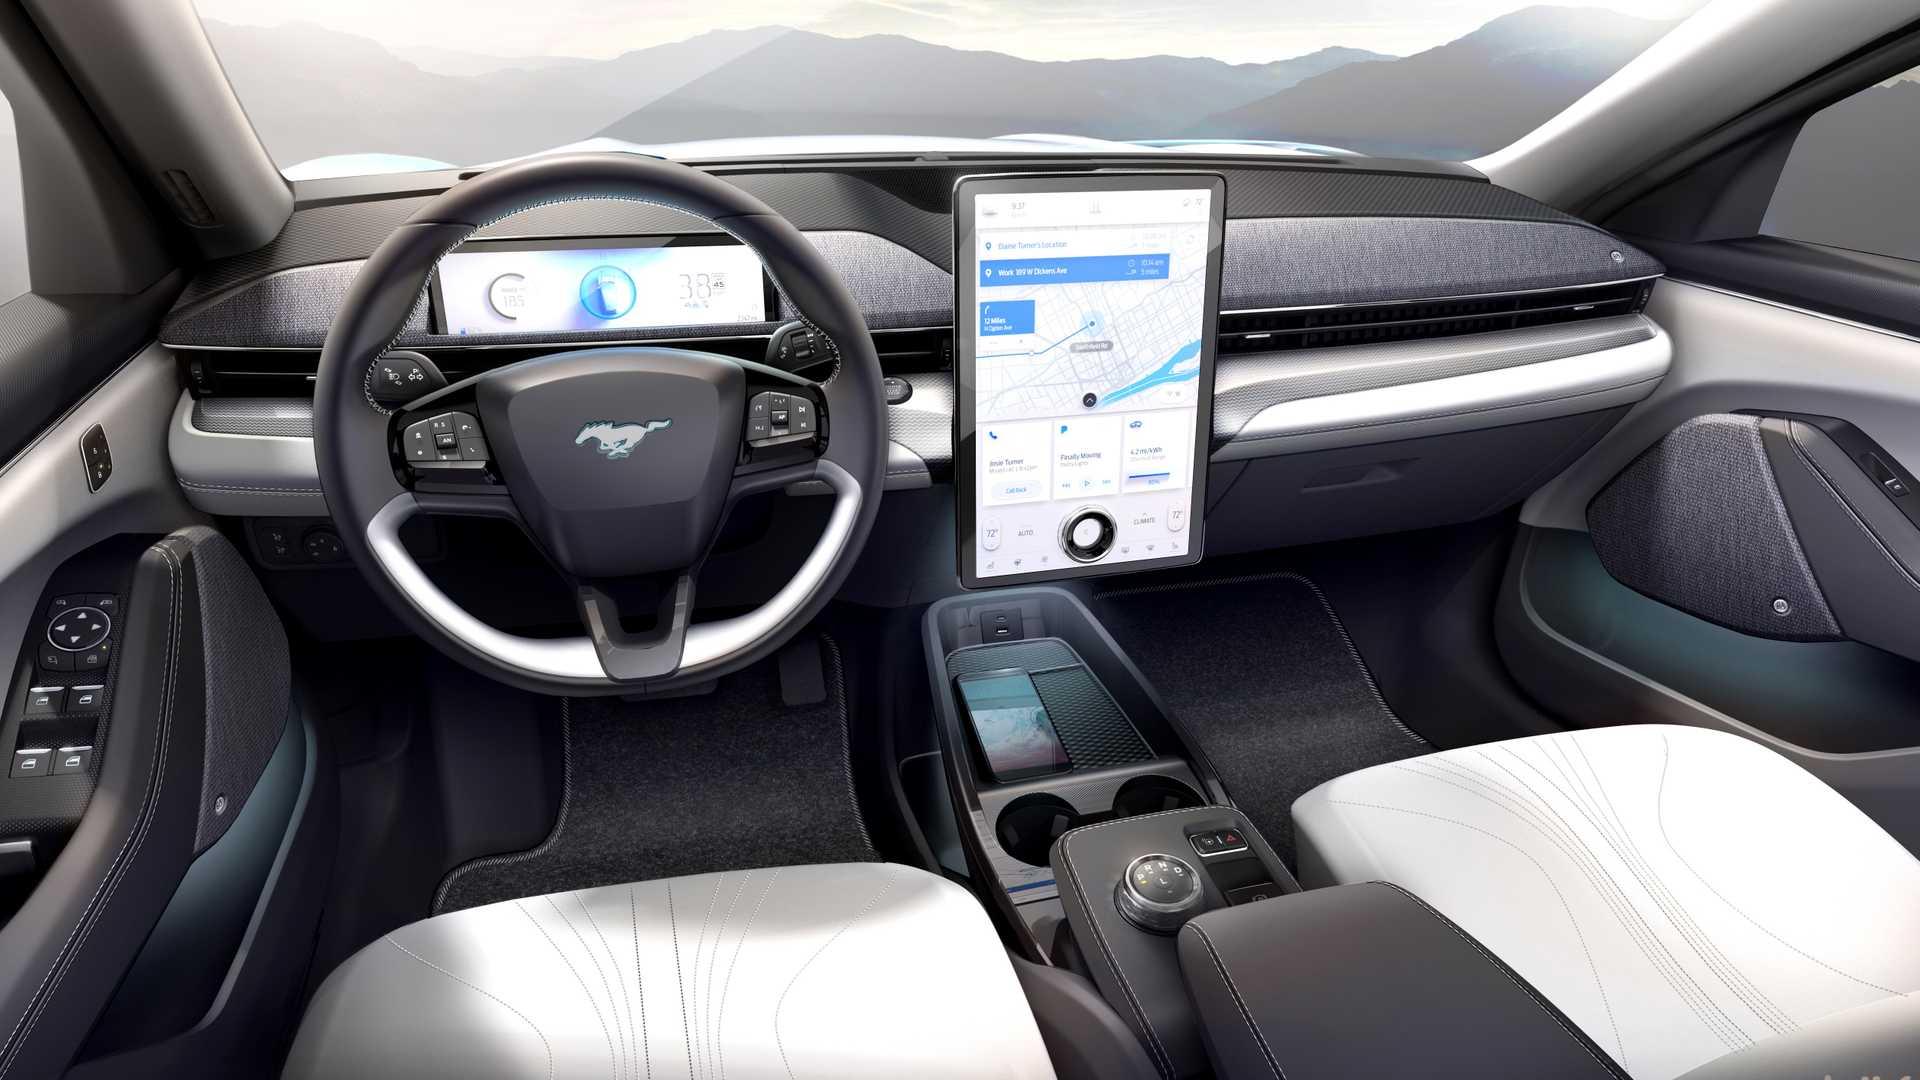 Ford планирует выпускать електромобили от 20 тыс. долларов